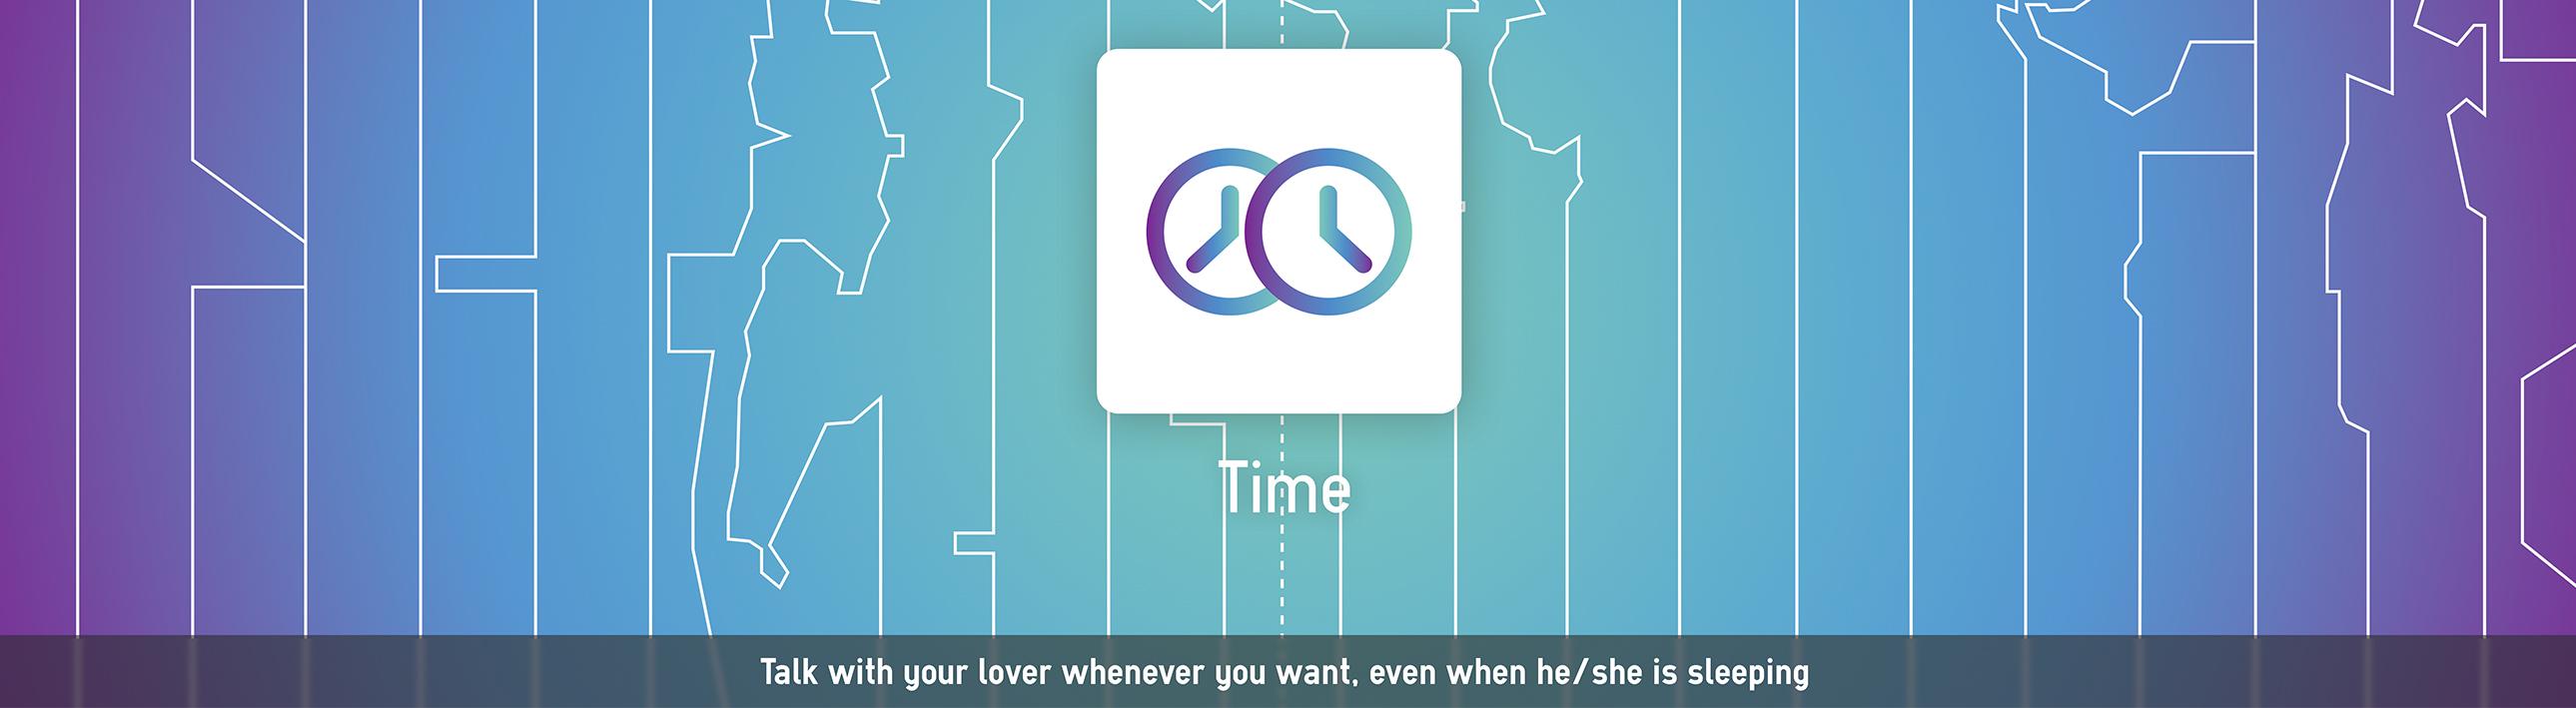 timebanner2